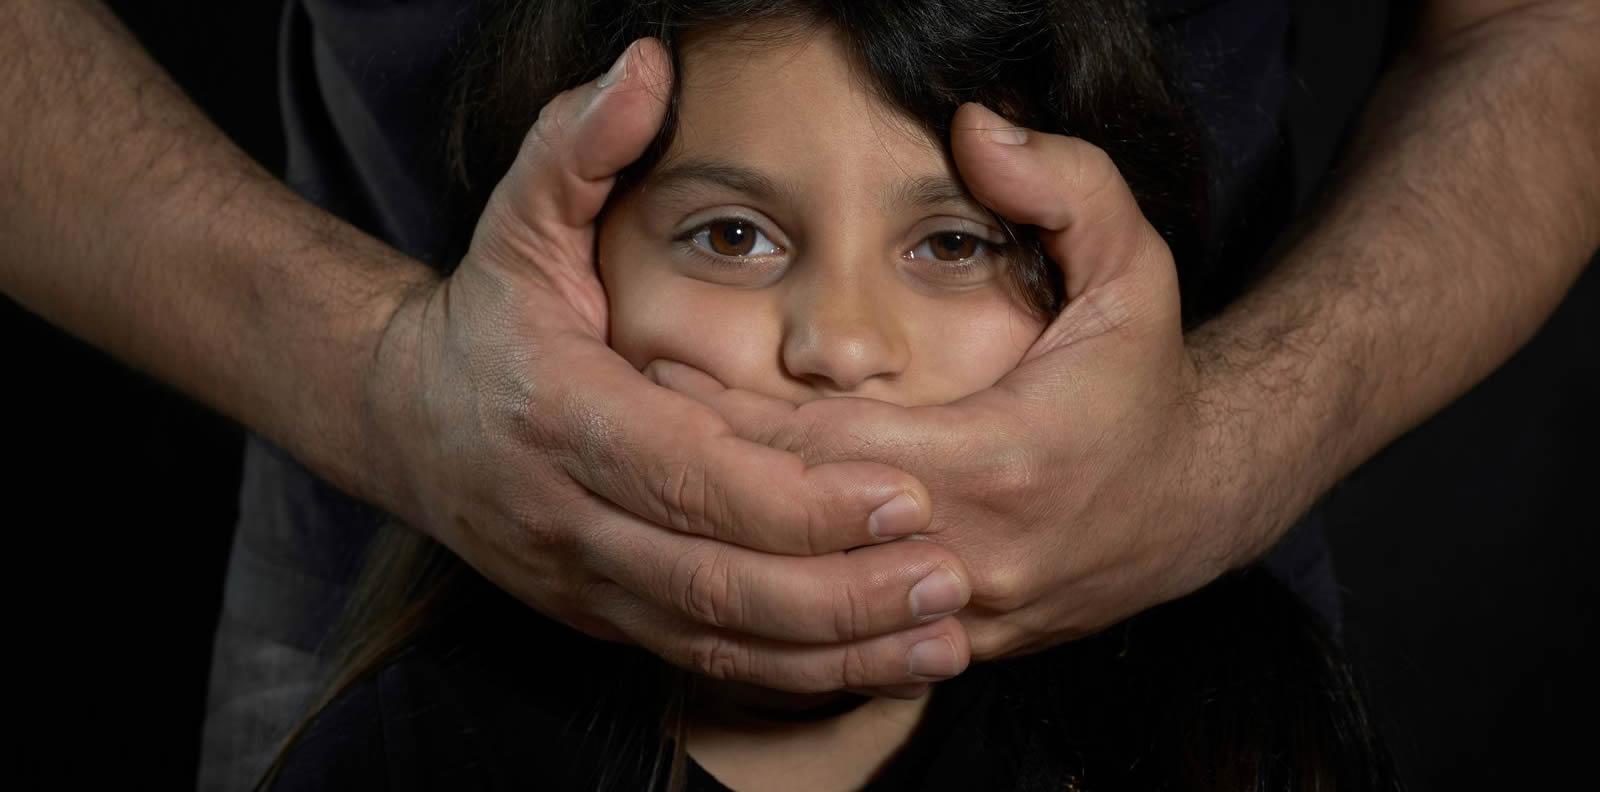 اثرات سوءاستفاده ی جنسی در کودکان